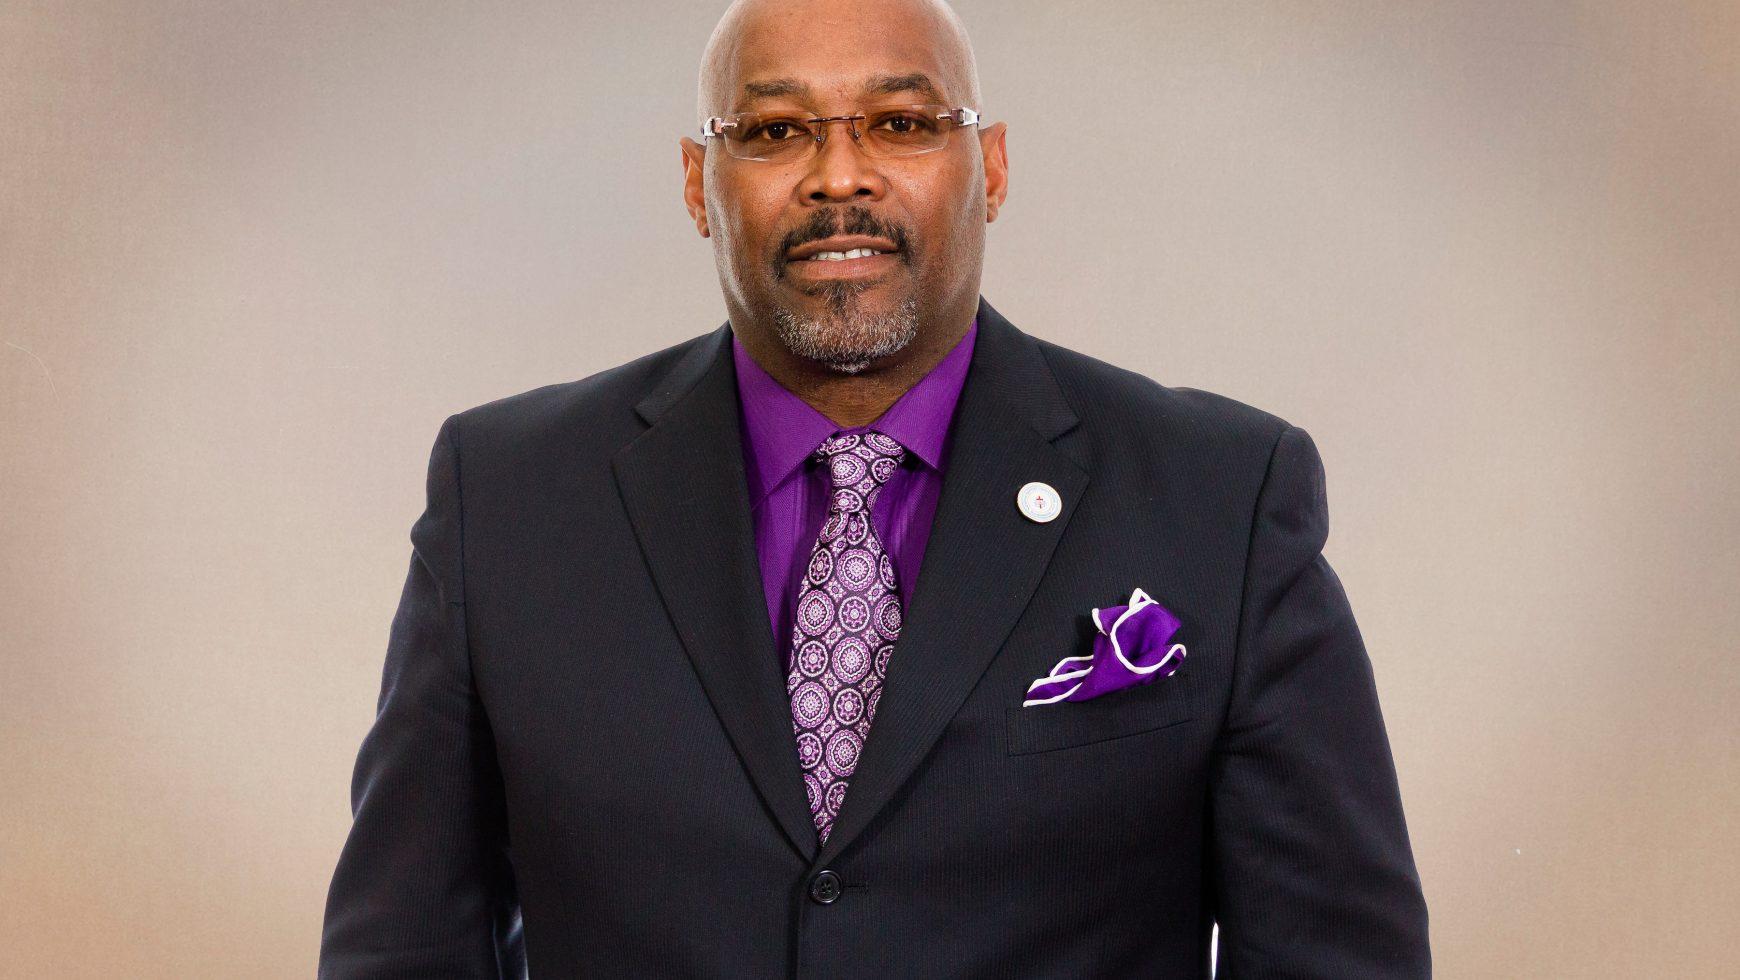 Pastor Luter Allen